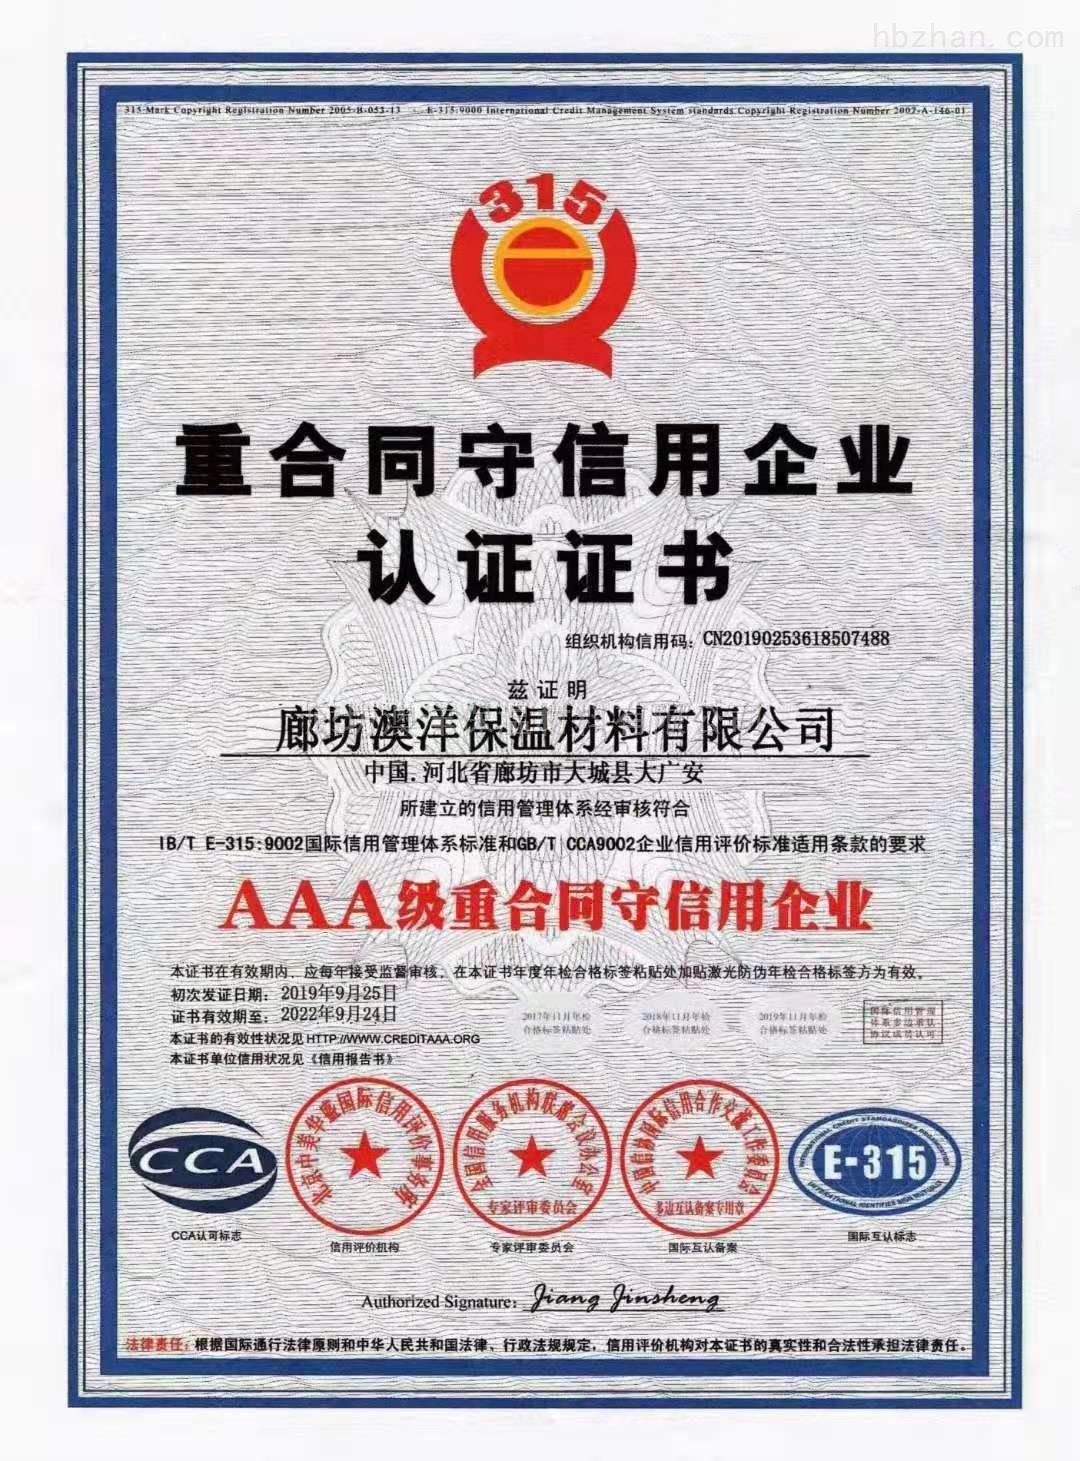 质量、服务诚信单位认证证书